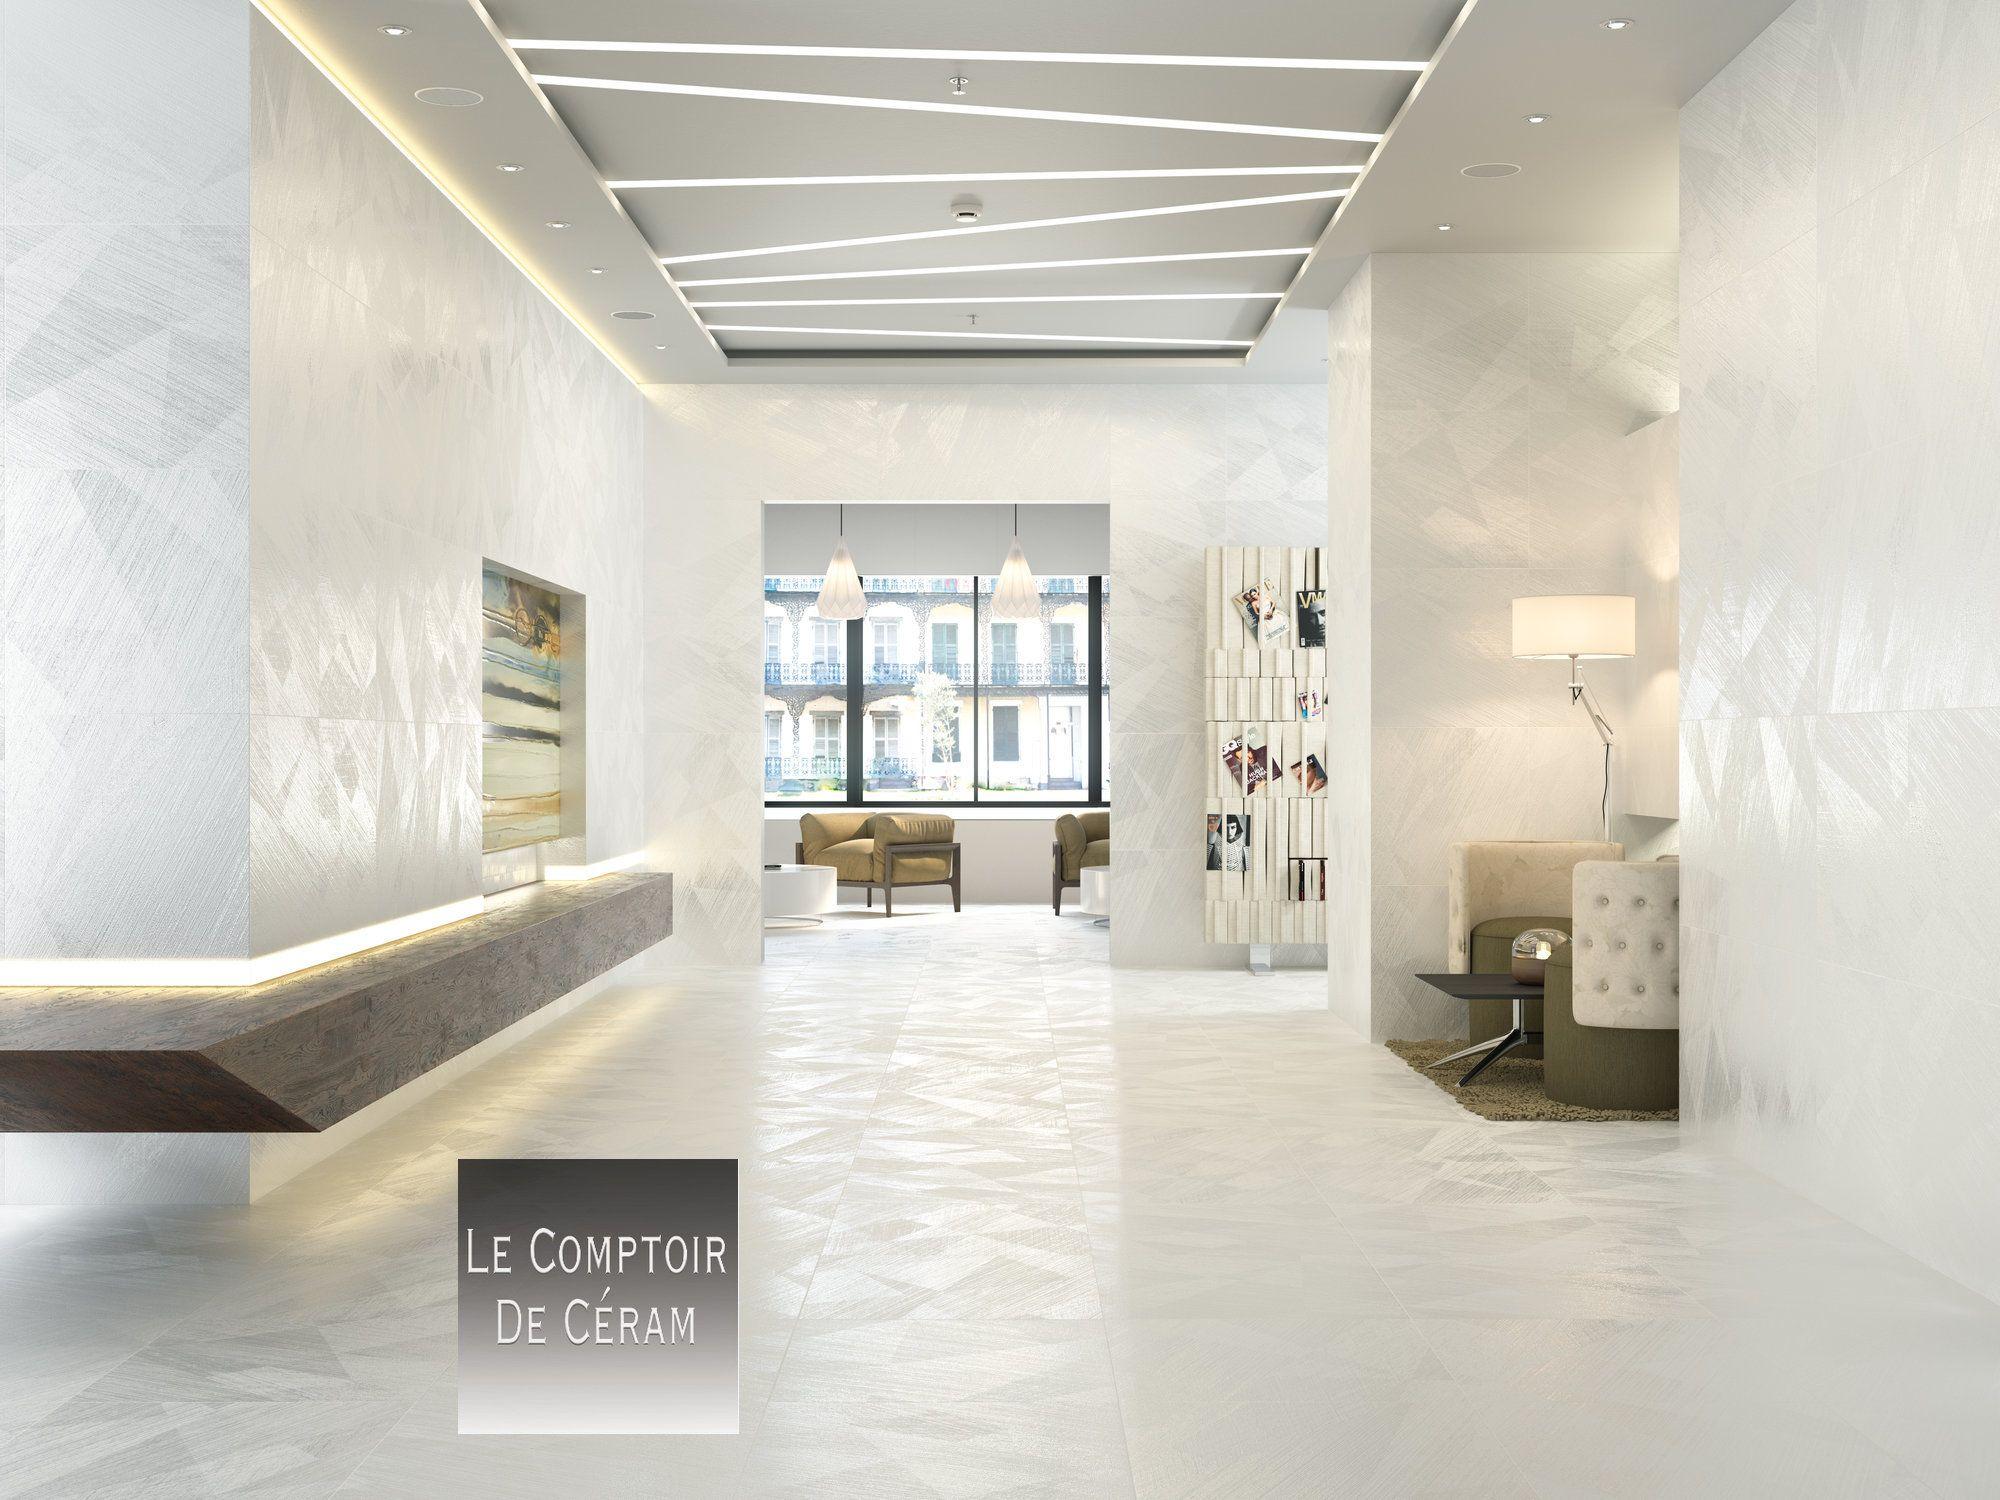 Au Comptoir Du Carrelage idée par le comptoir de ceram sur carrelage style industriel